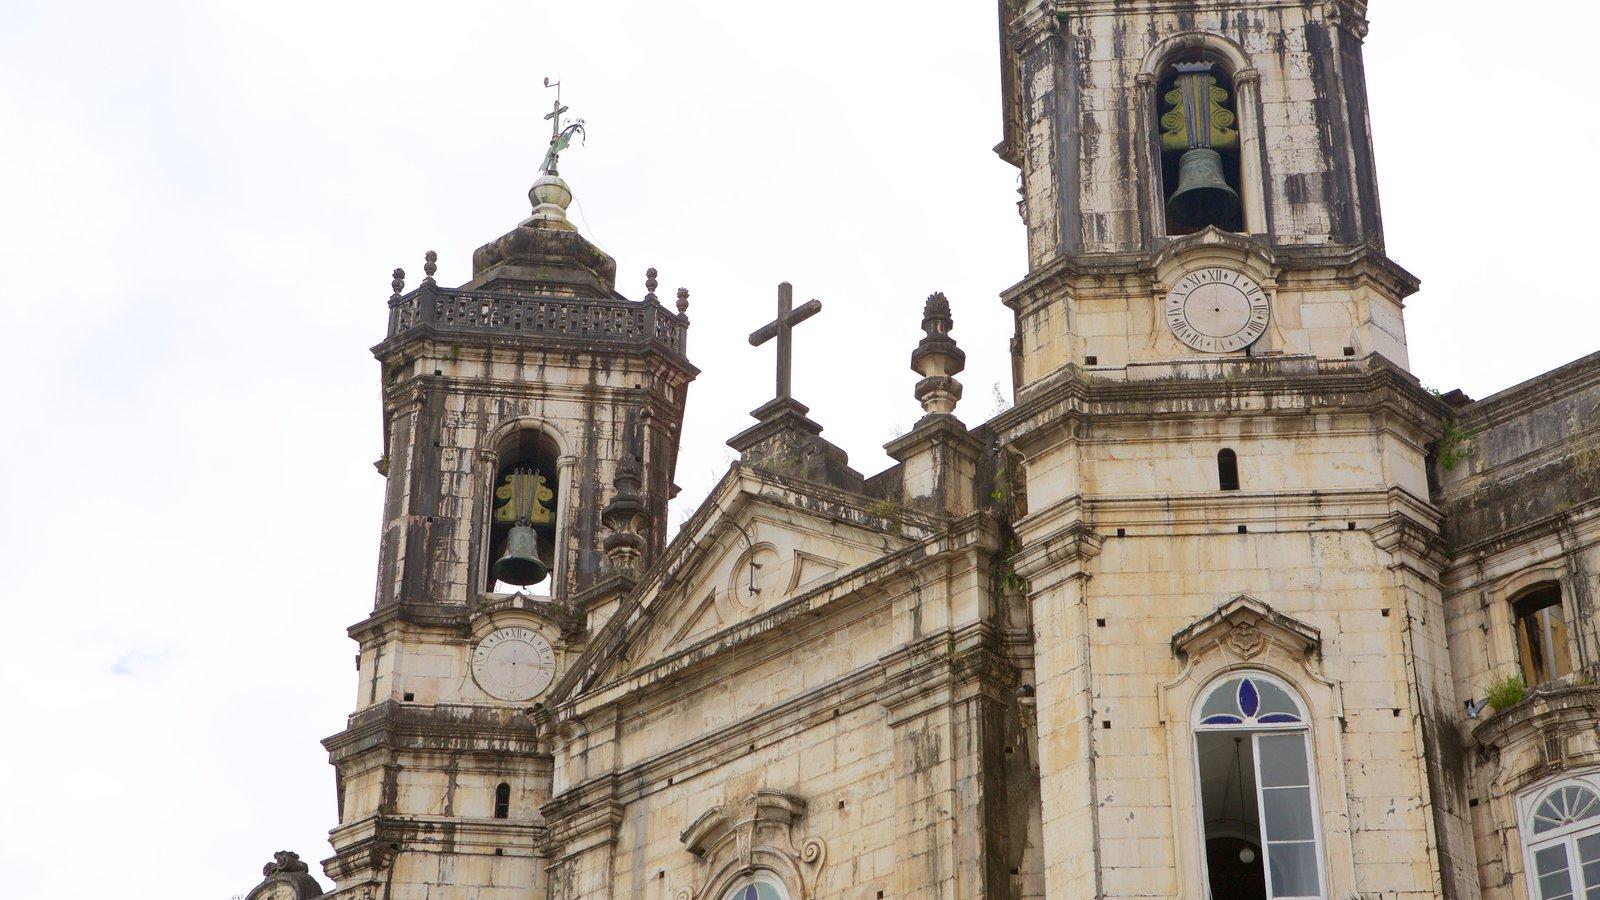 Basílica de Nossa Senhora de Conceição da Praia que inclui elementos religiosos e uma igreja ou catedral